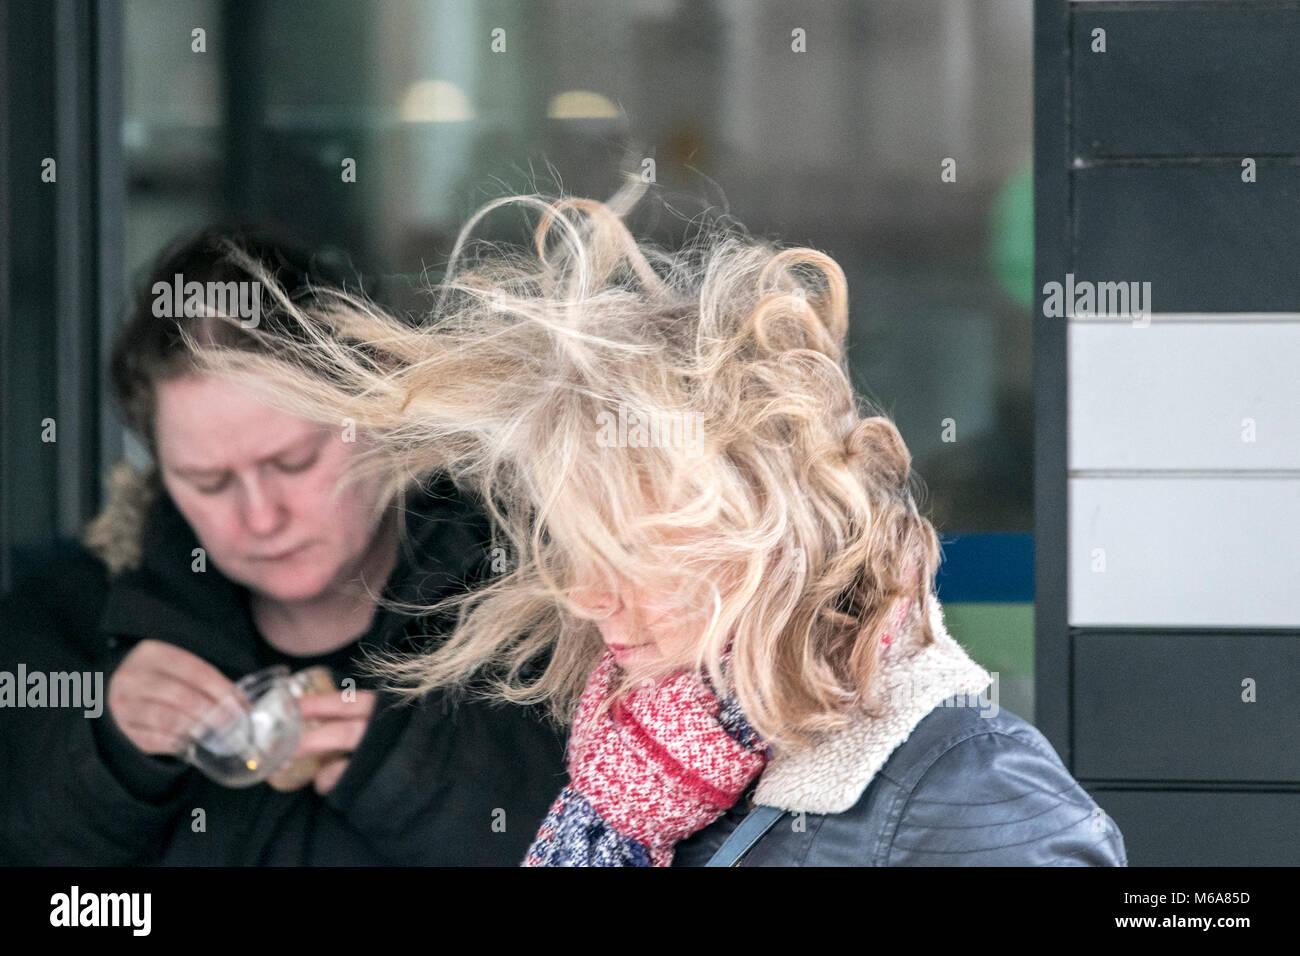 Haarschnitt Mädchen Lange Haare